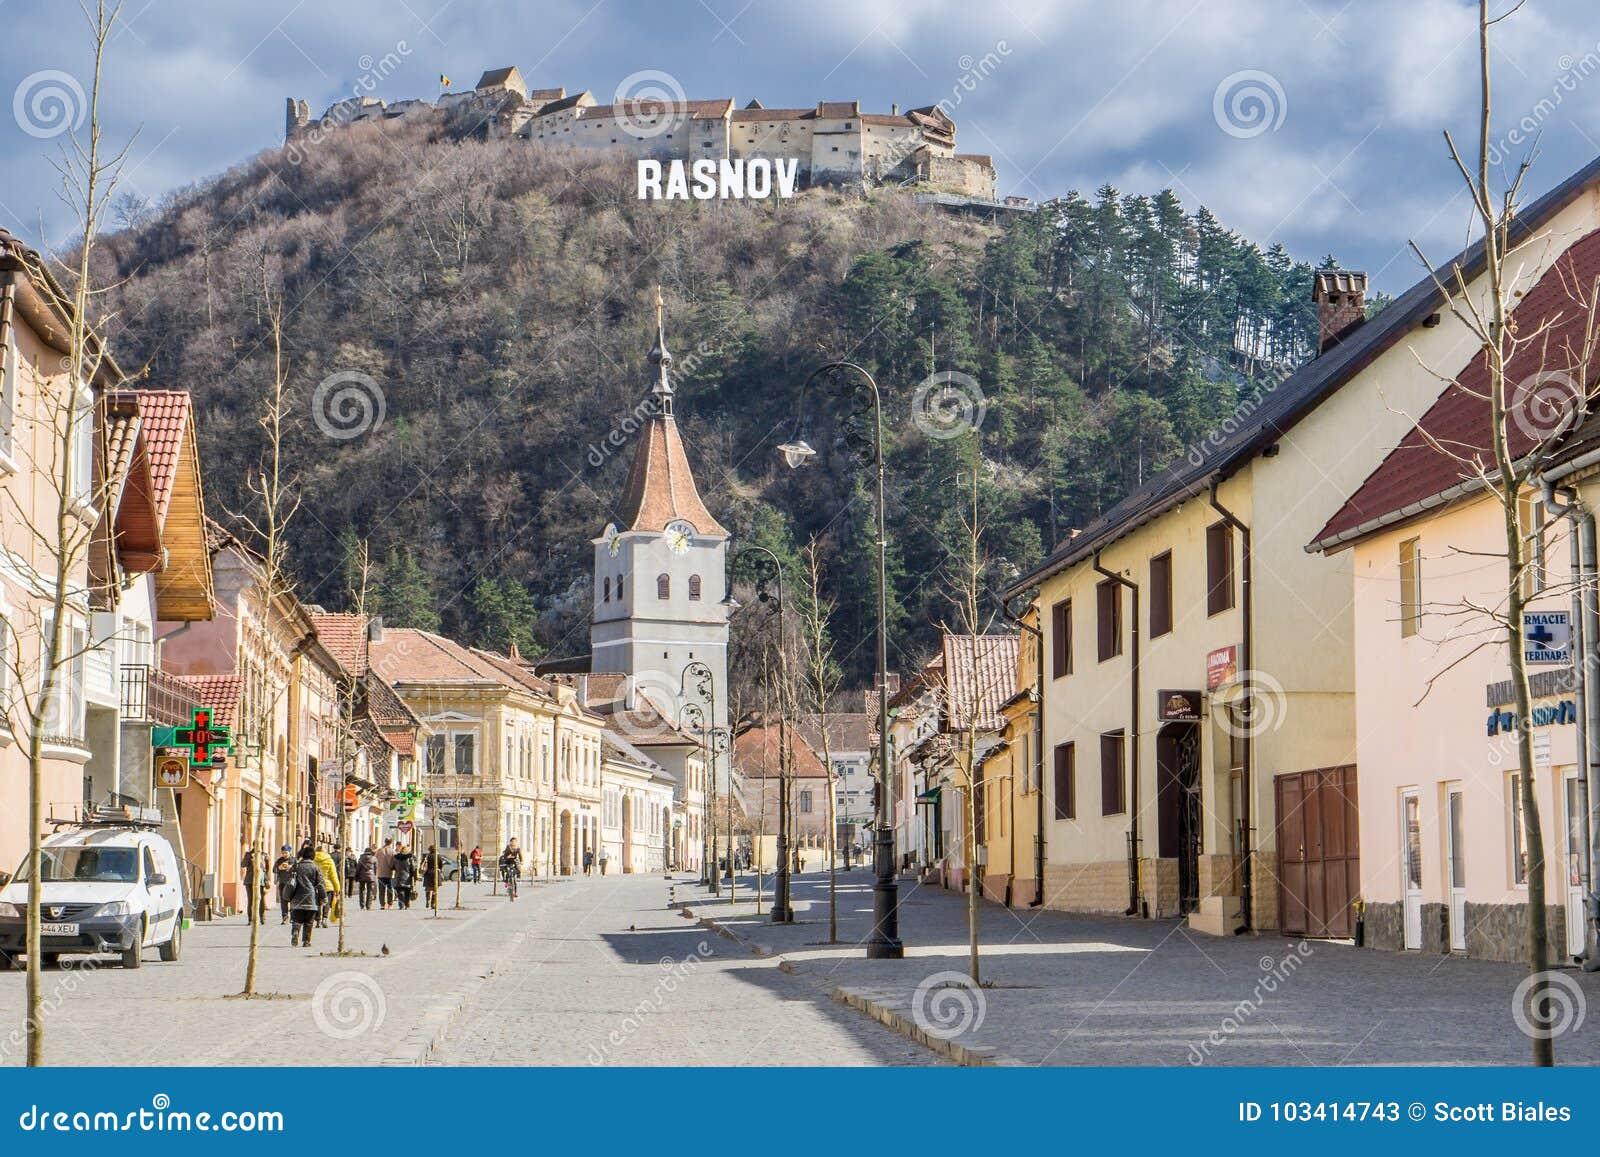 Rasnov Romania, Transylvania